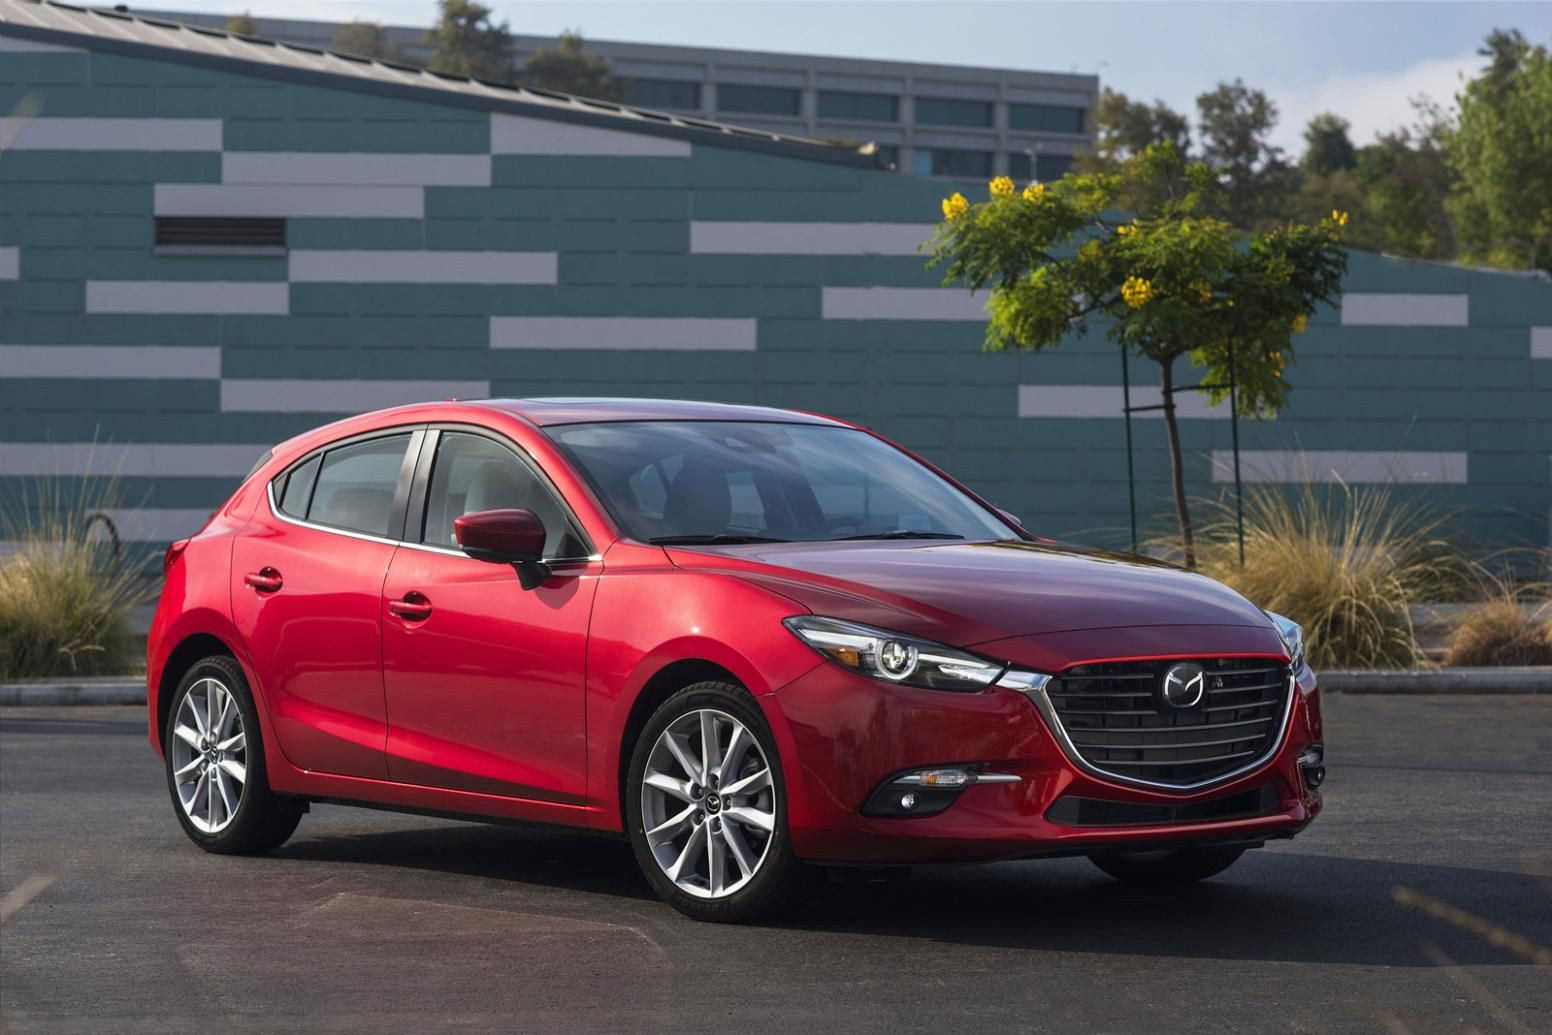 Mazda 3 2021 Price In Egypt Release Date And Concept Mazda New Cars Mazda 3